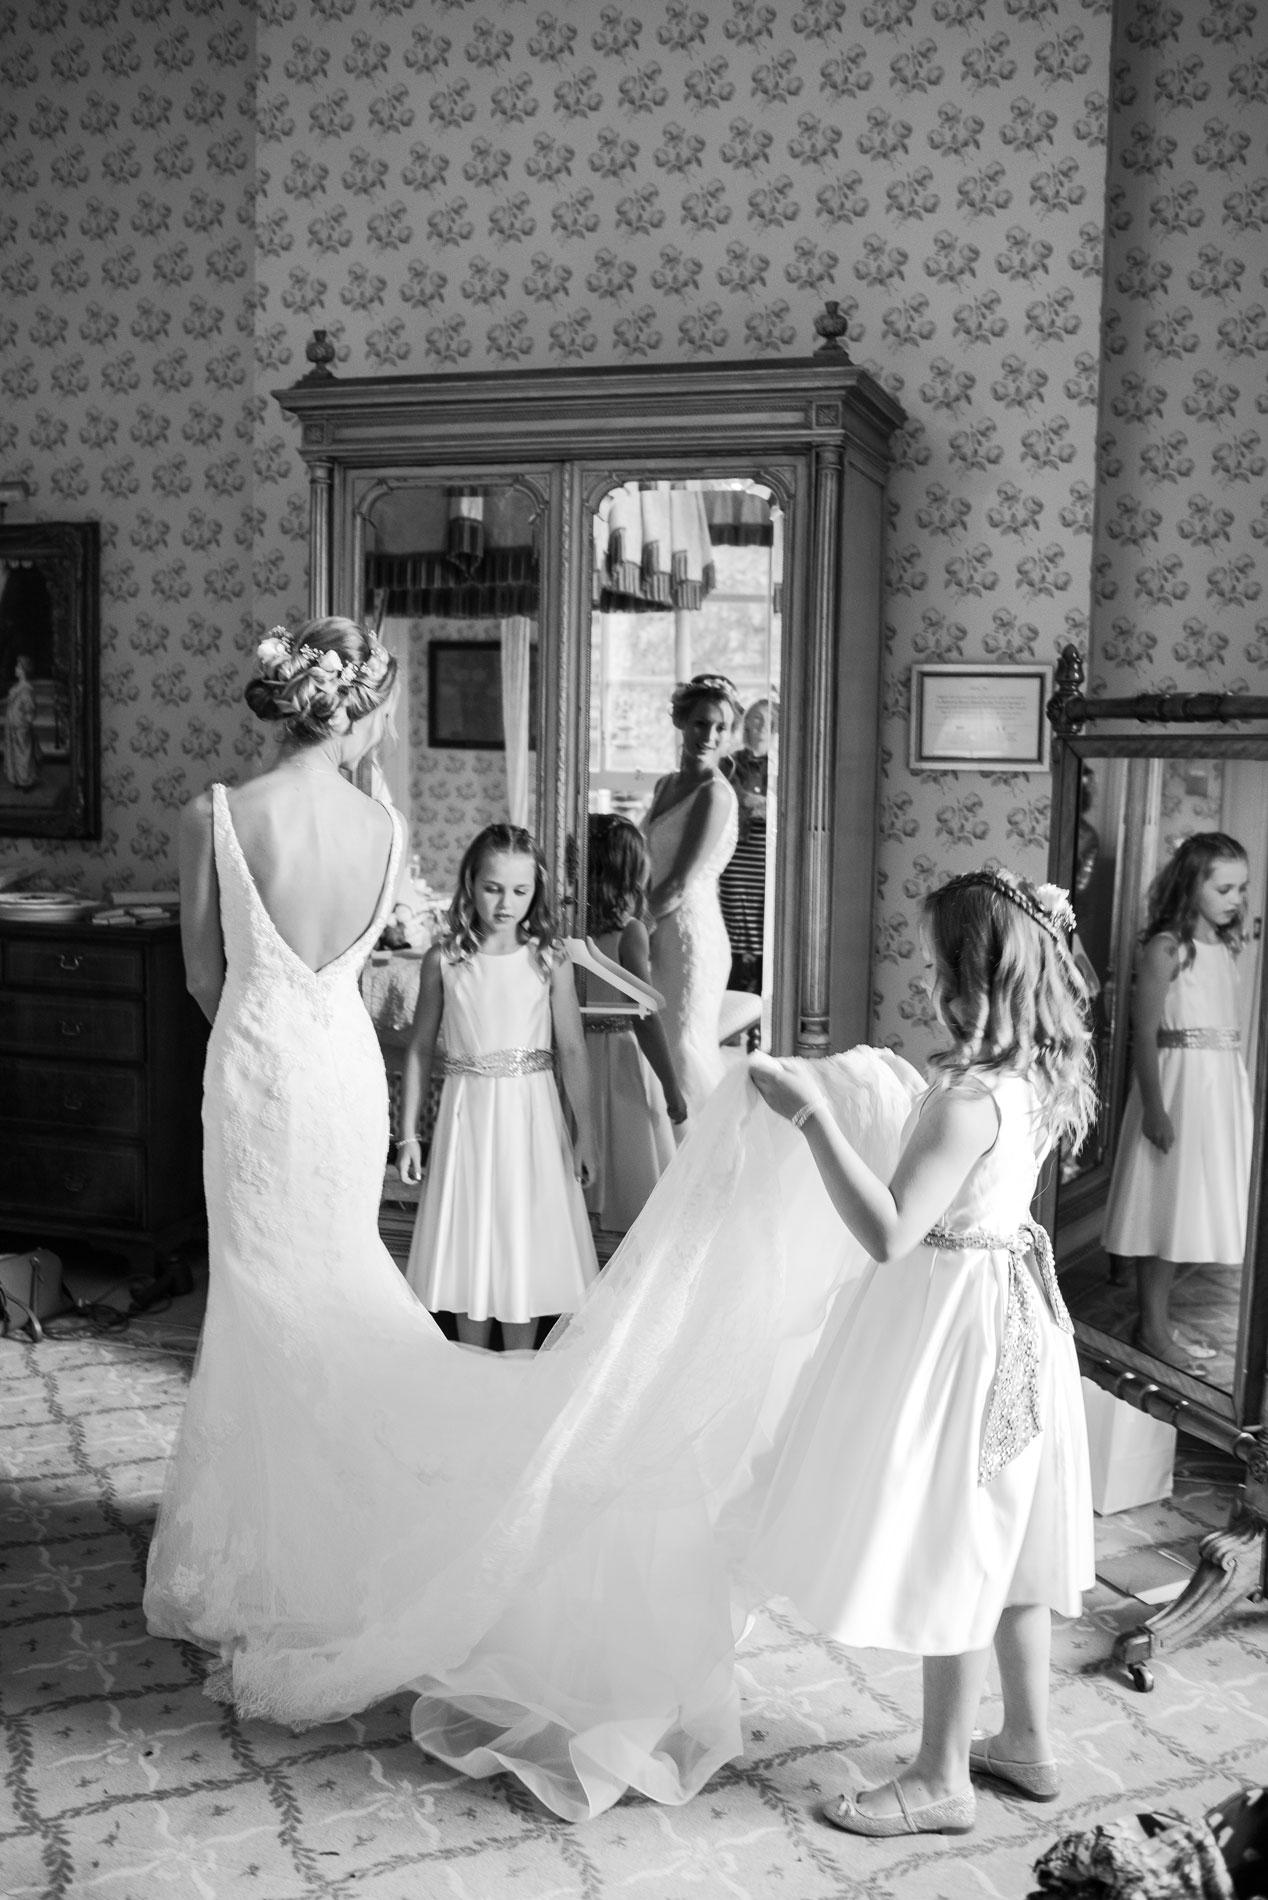 Kilworth-weddings-_11.jpg